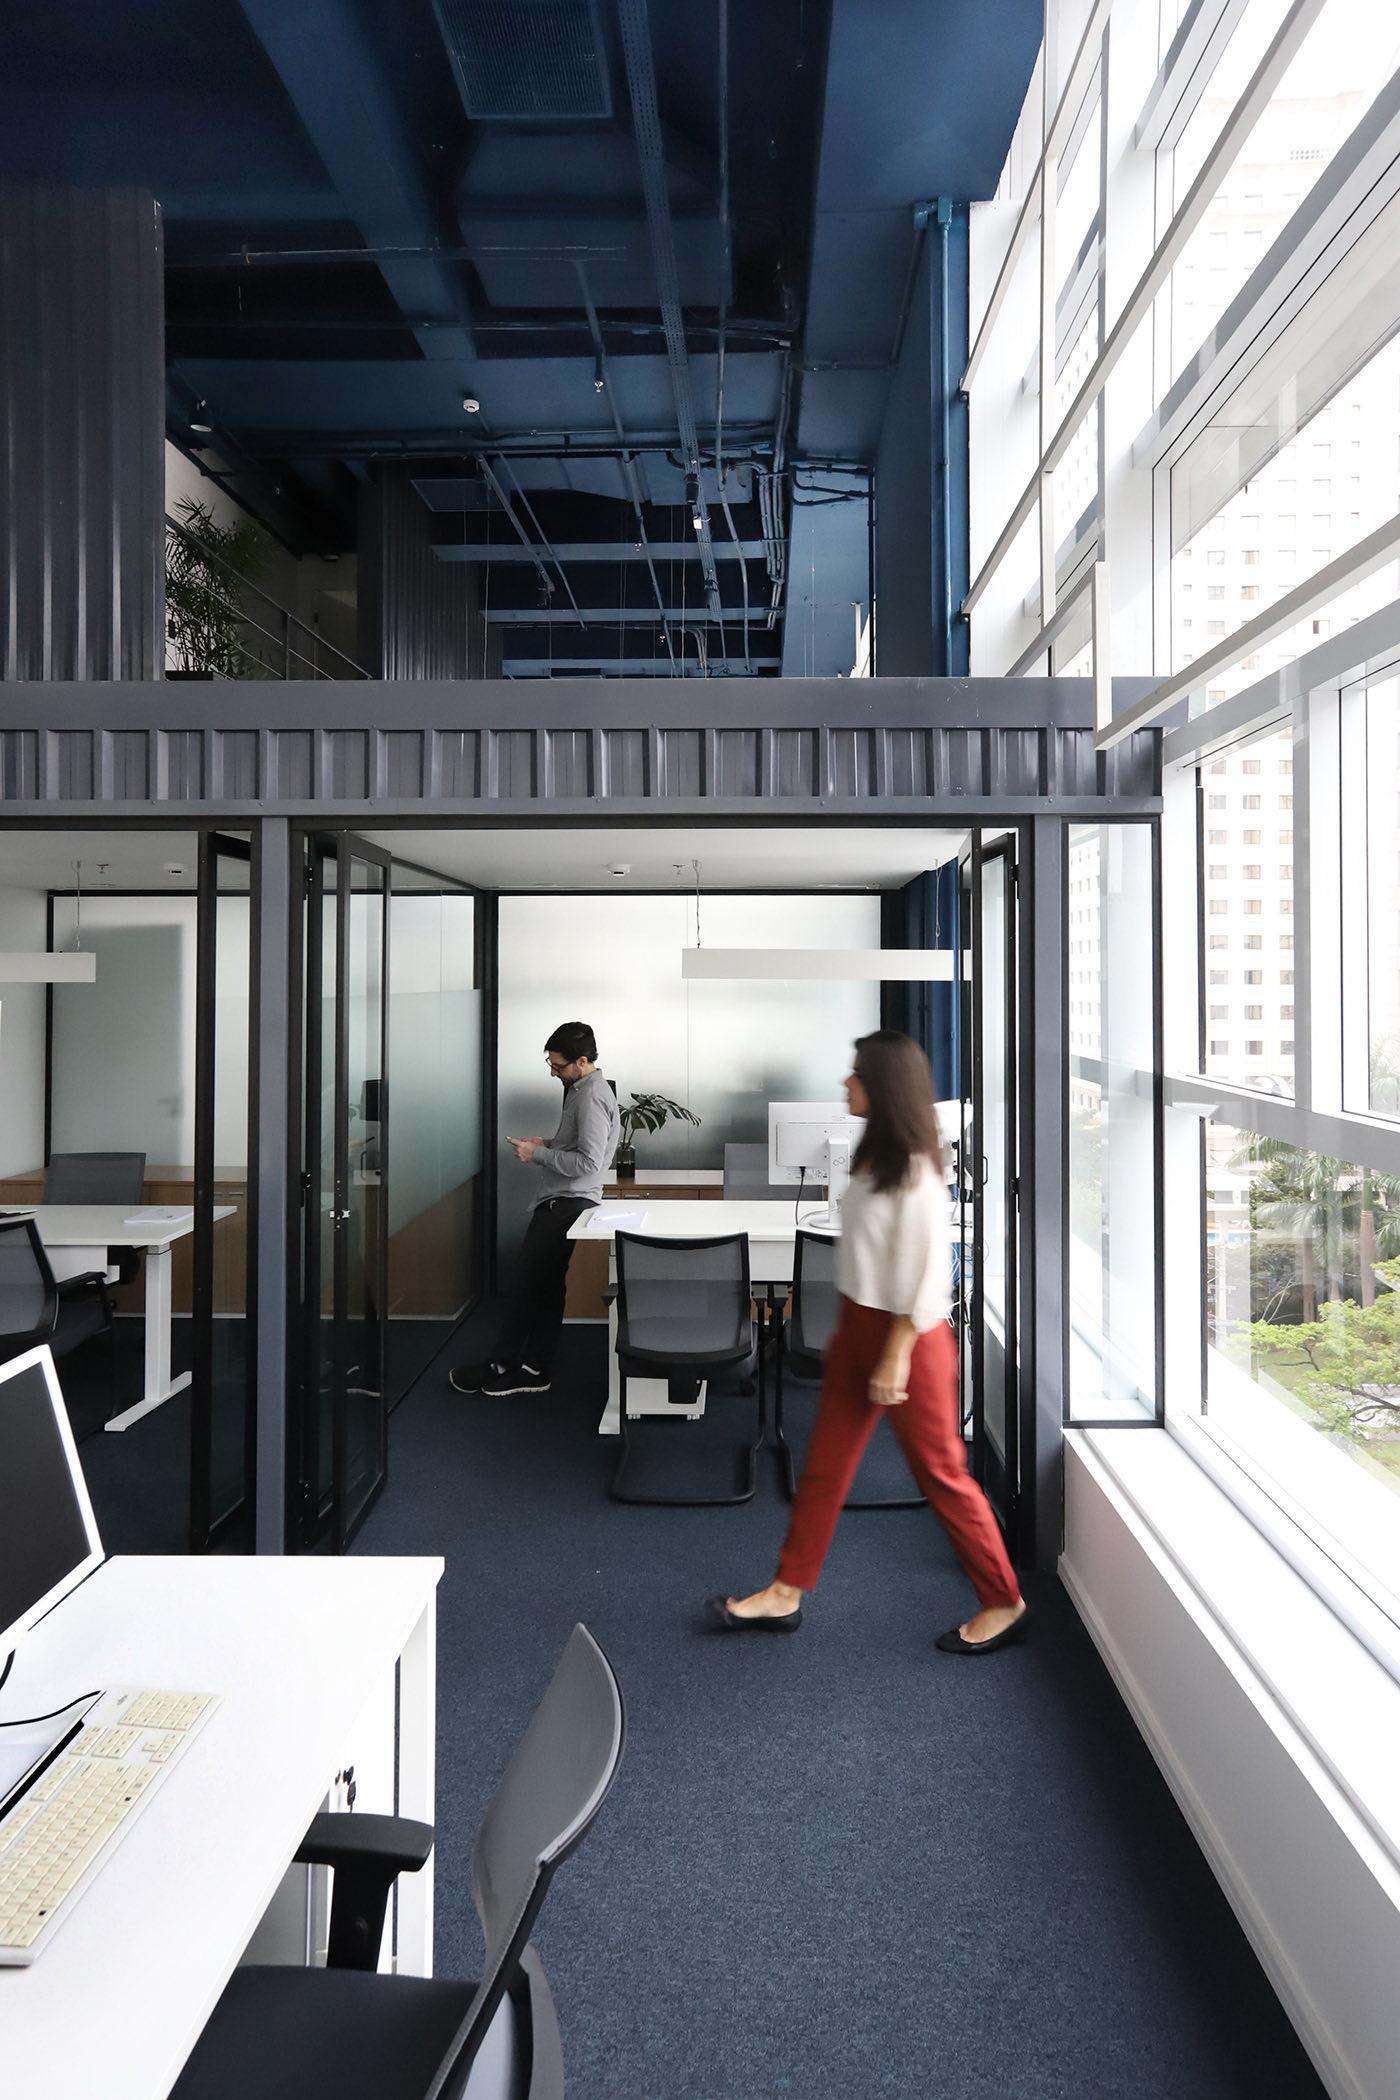 lufthansa-office-brazil-21